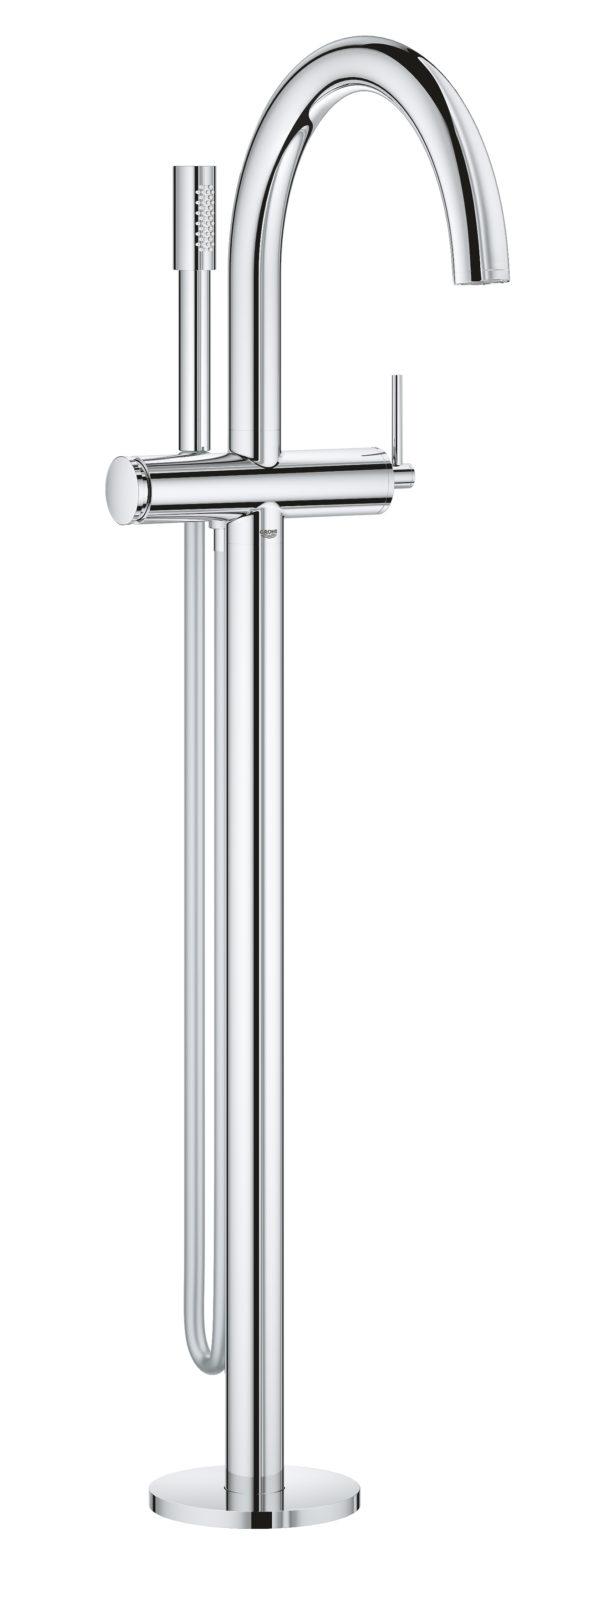 Zdjęcie GROHE Atrio – jednouchwytowa bateria wannowa do montażu podłogowego z zestawem punktowym chrom 32653003